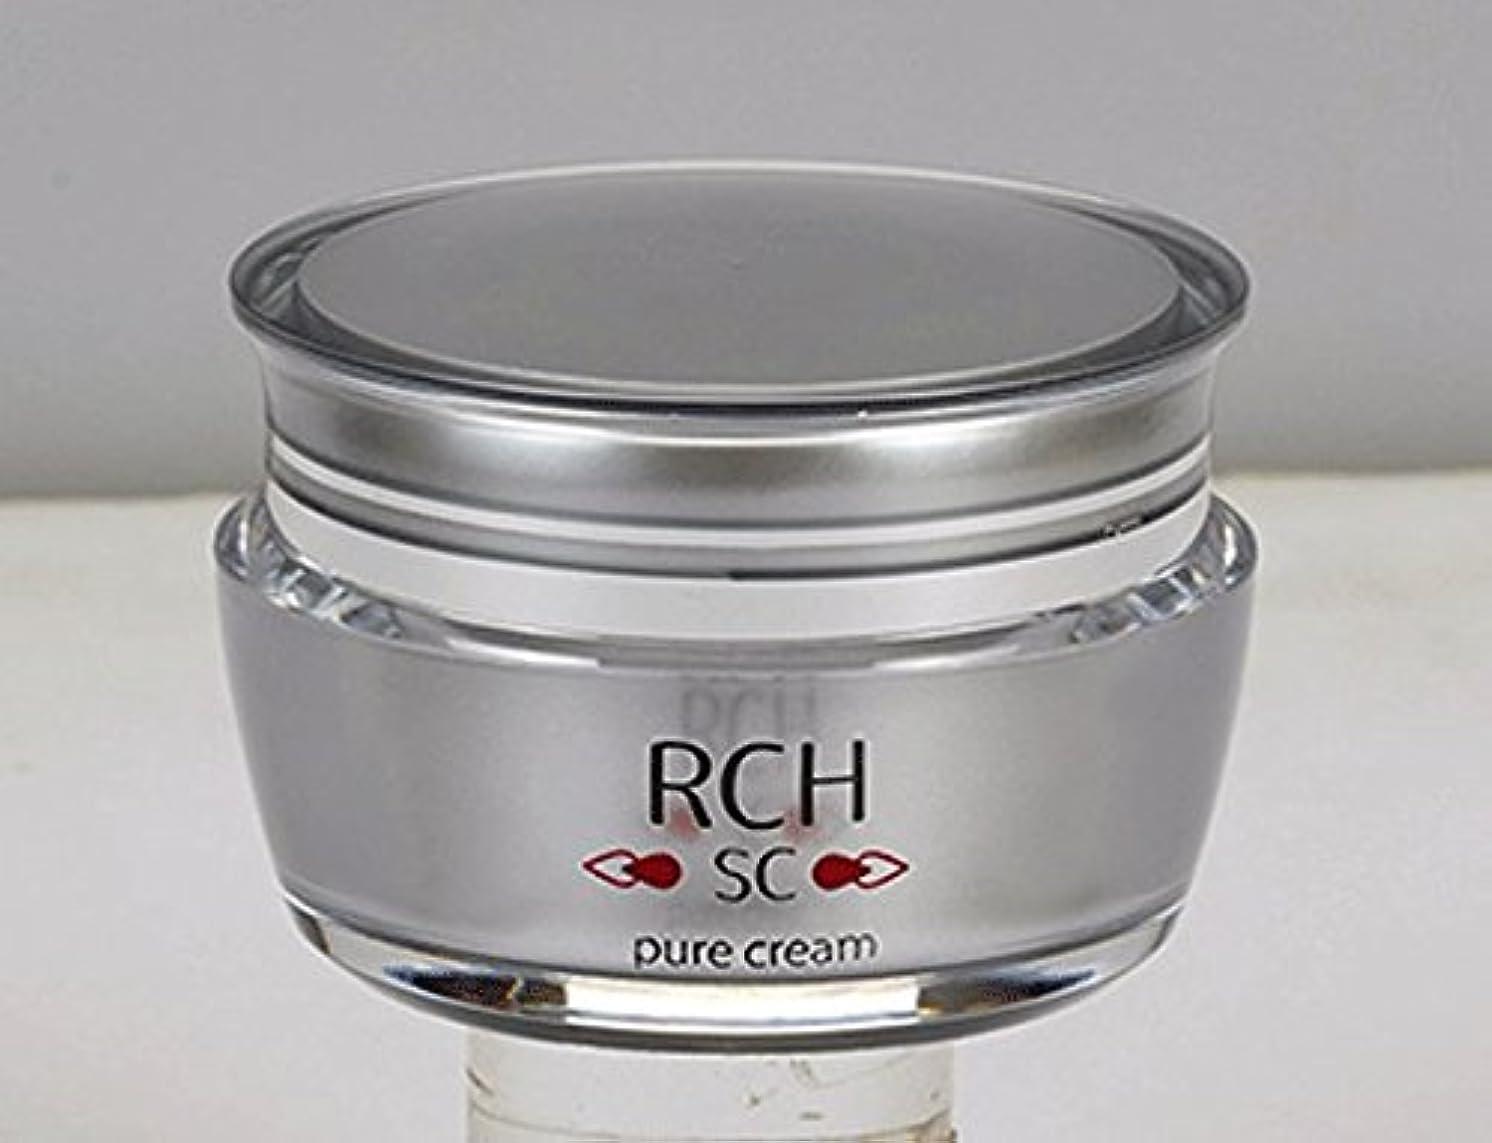 ハウジング仮称環境に優しいRCH SC ピュアクリーム ヒト脂肪細胞培養液配合クリーム